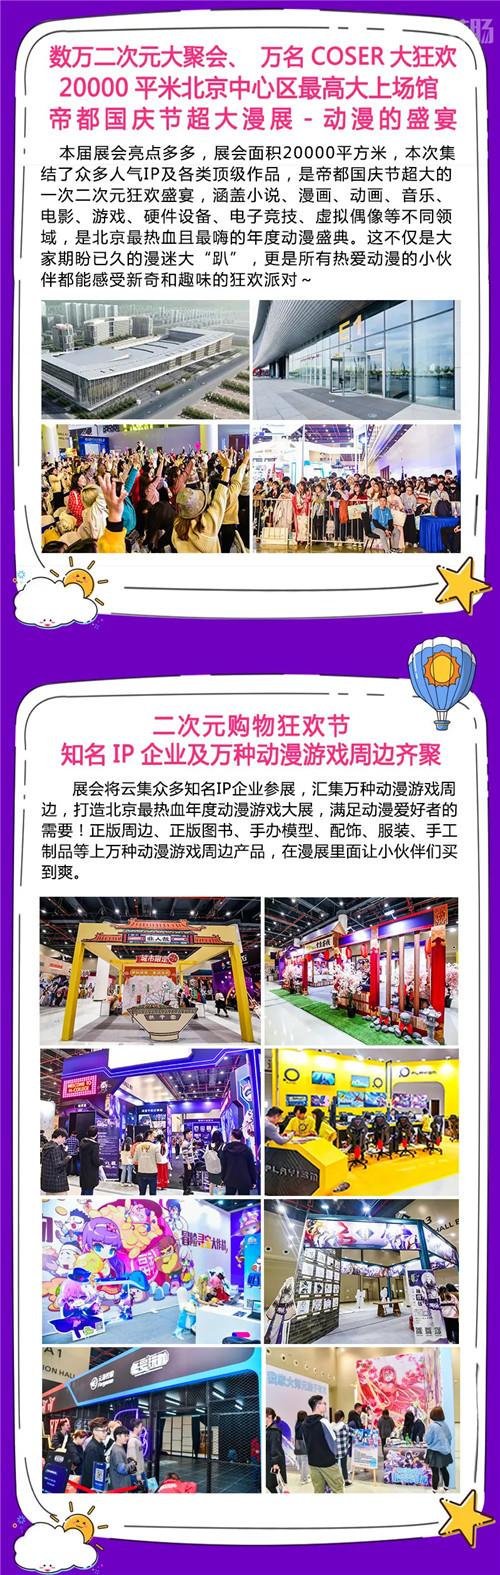 I JOY漫展 x CGF中国游戏节隆重启程 漫展 第4张